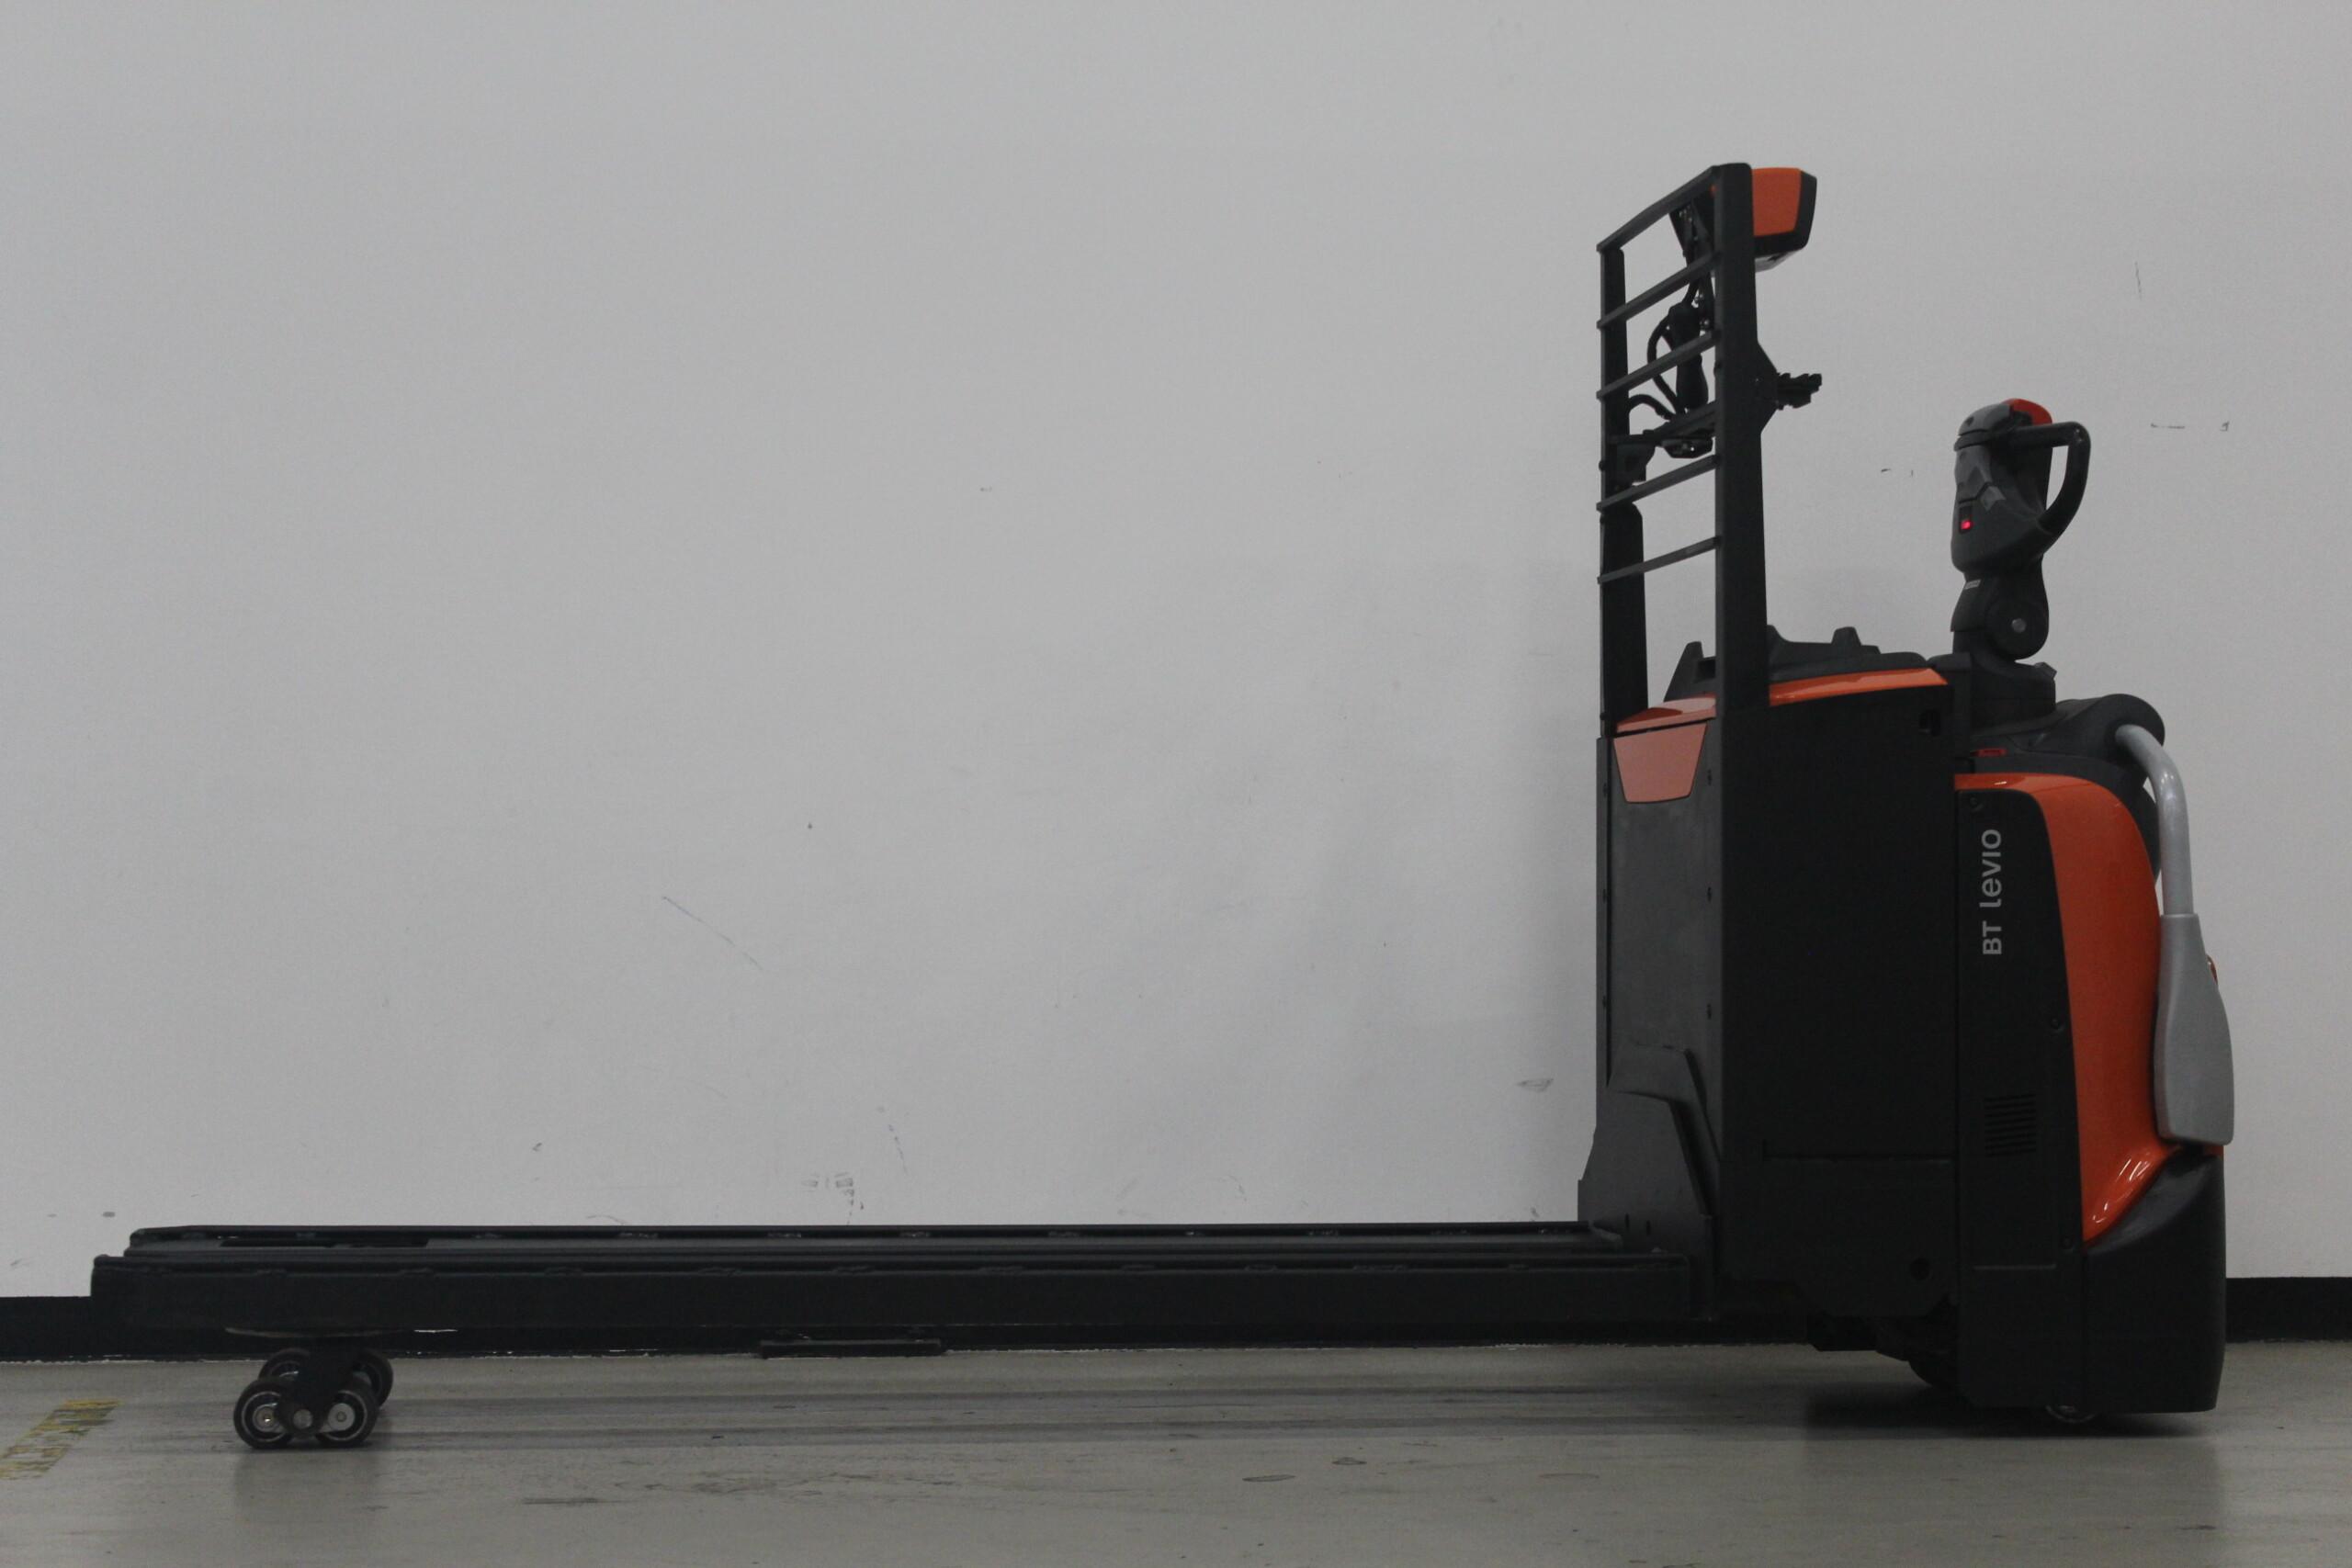 Toyota-Gabelstapler-59840 1503026853 1 27 scaled